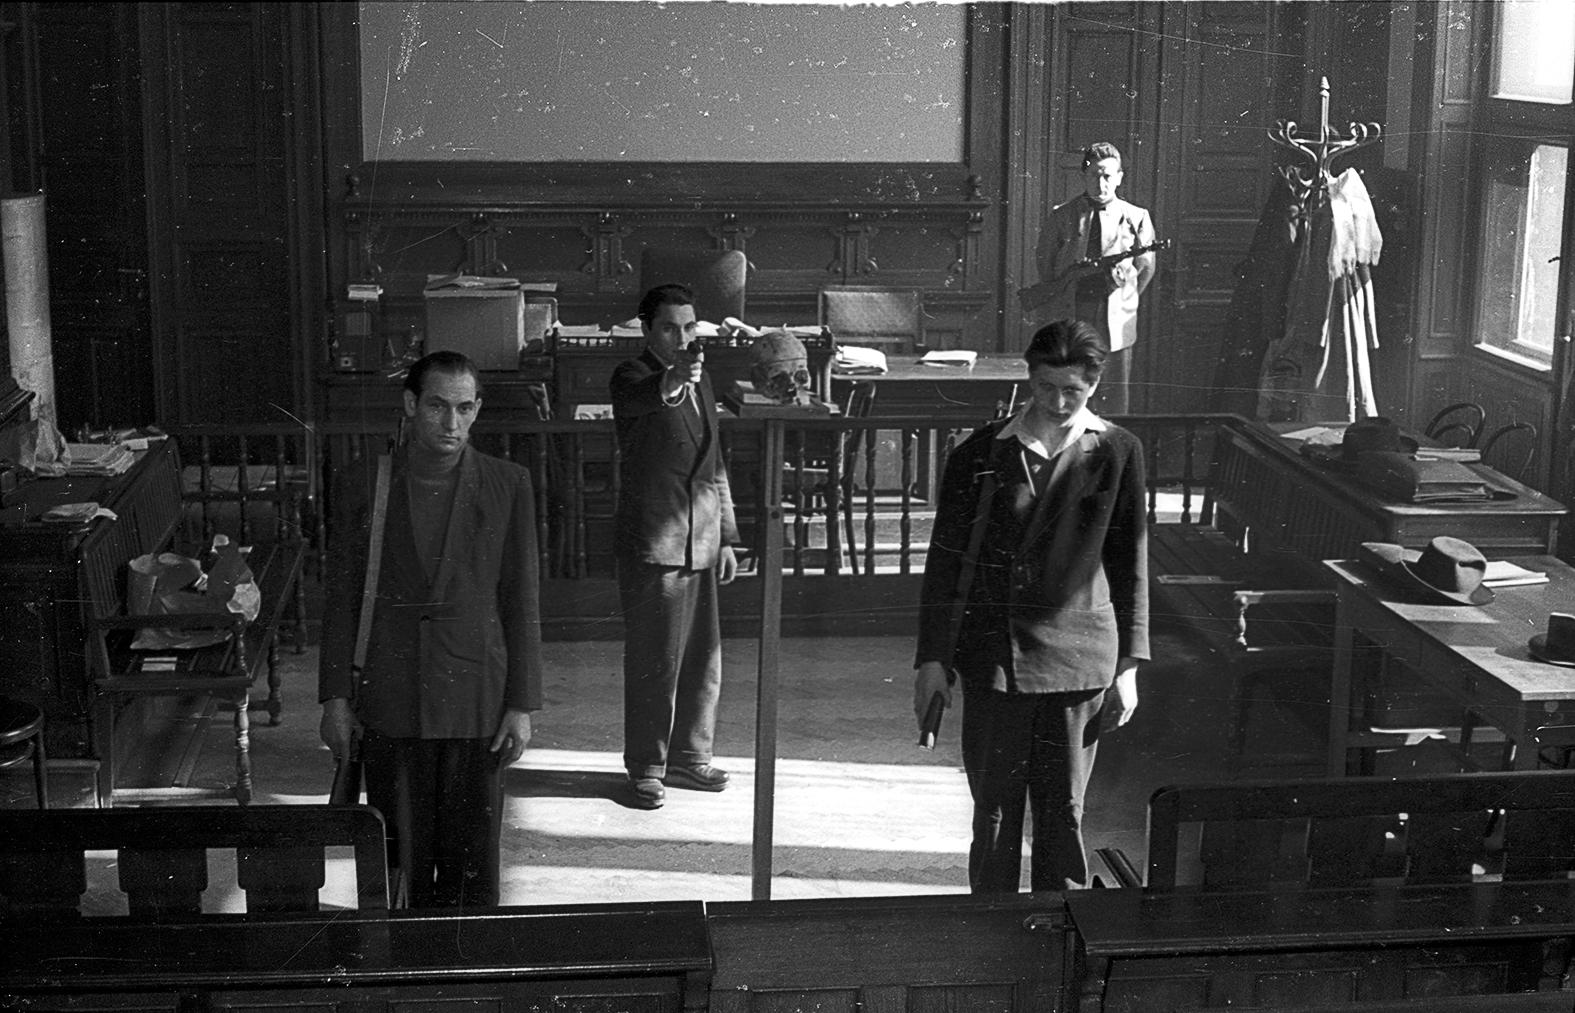 '56-os felkelők bíróság előtt a bíróságon Budapesten 1958-ban #moszkvater